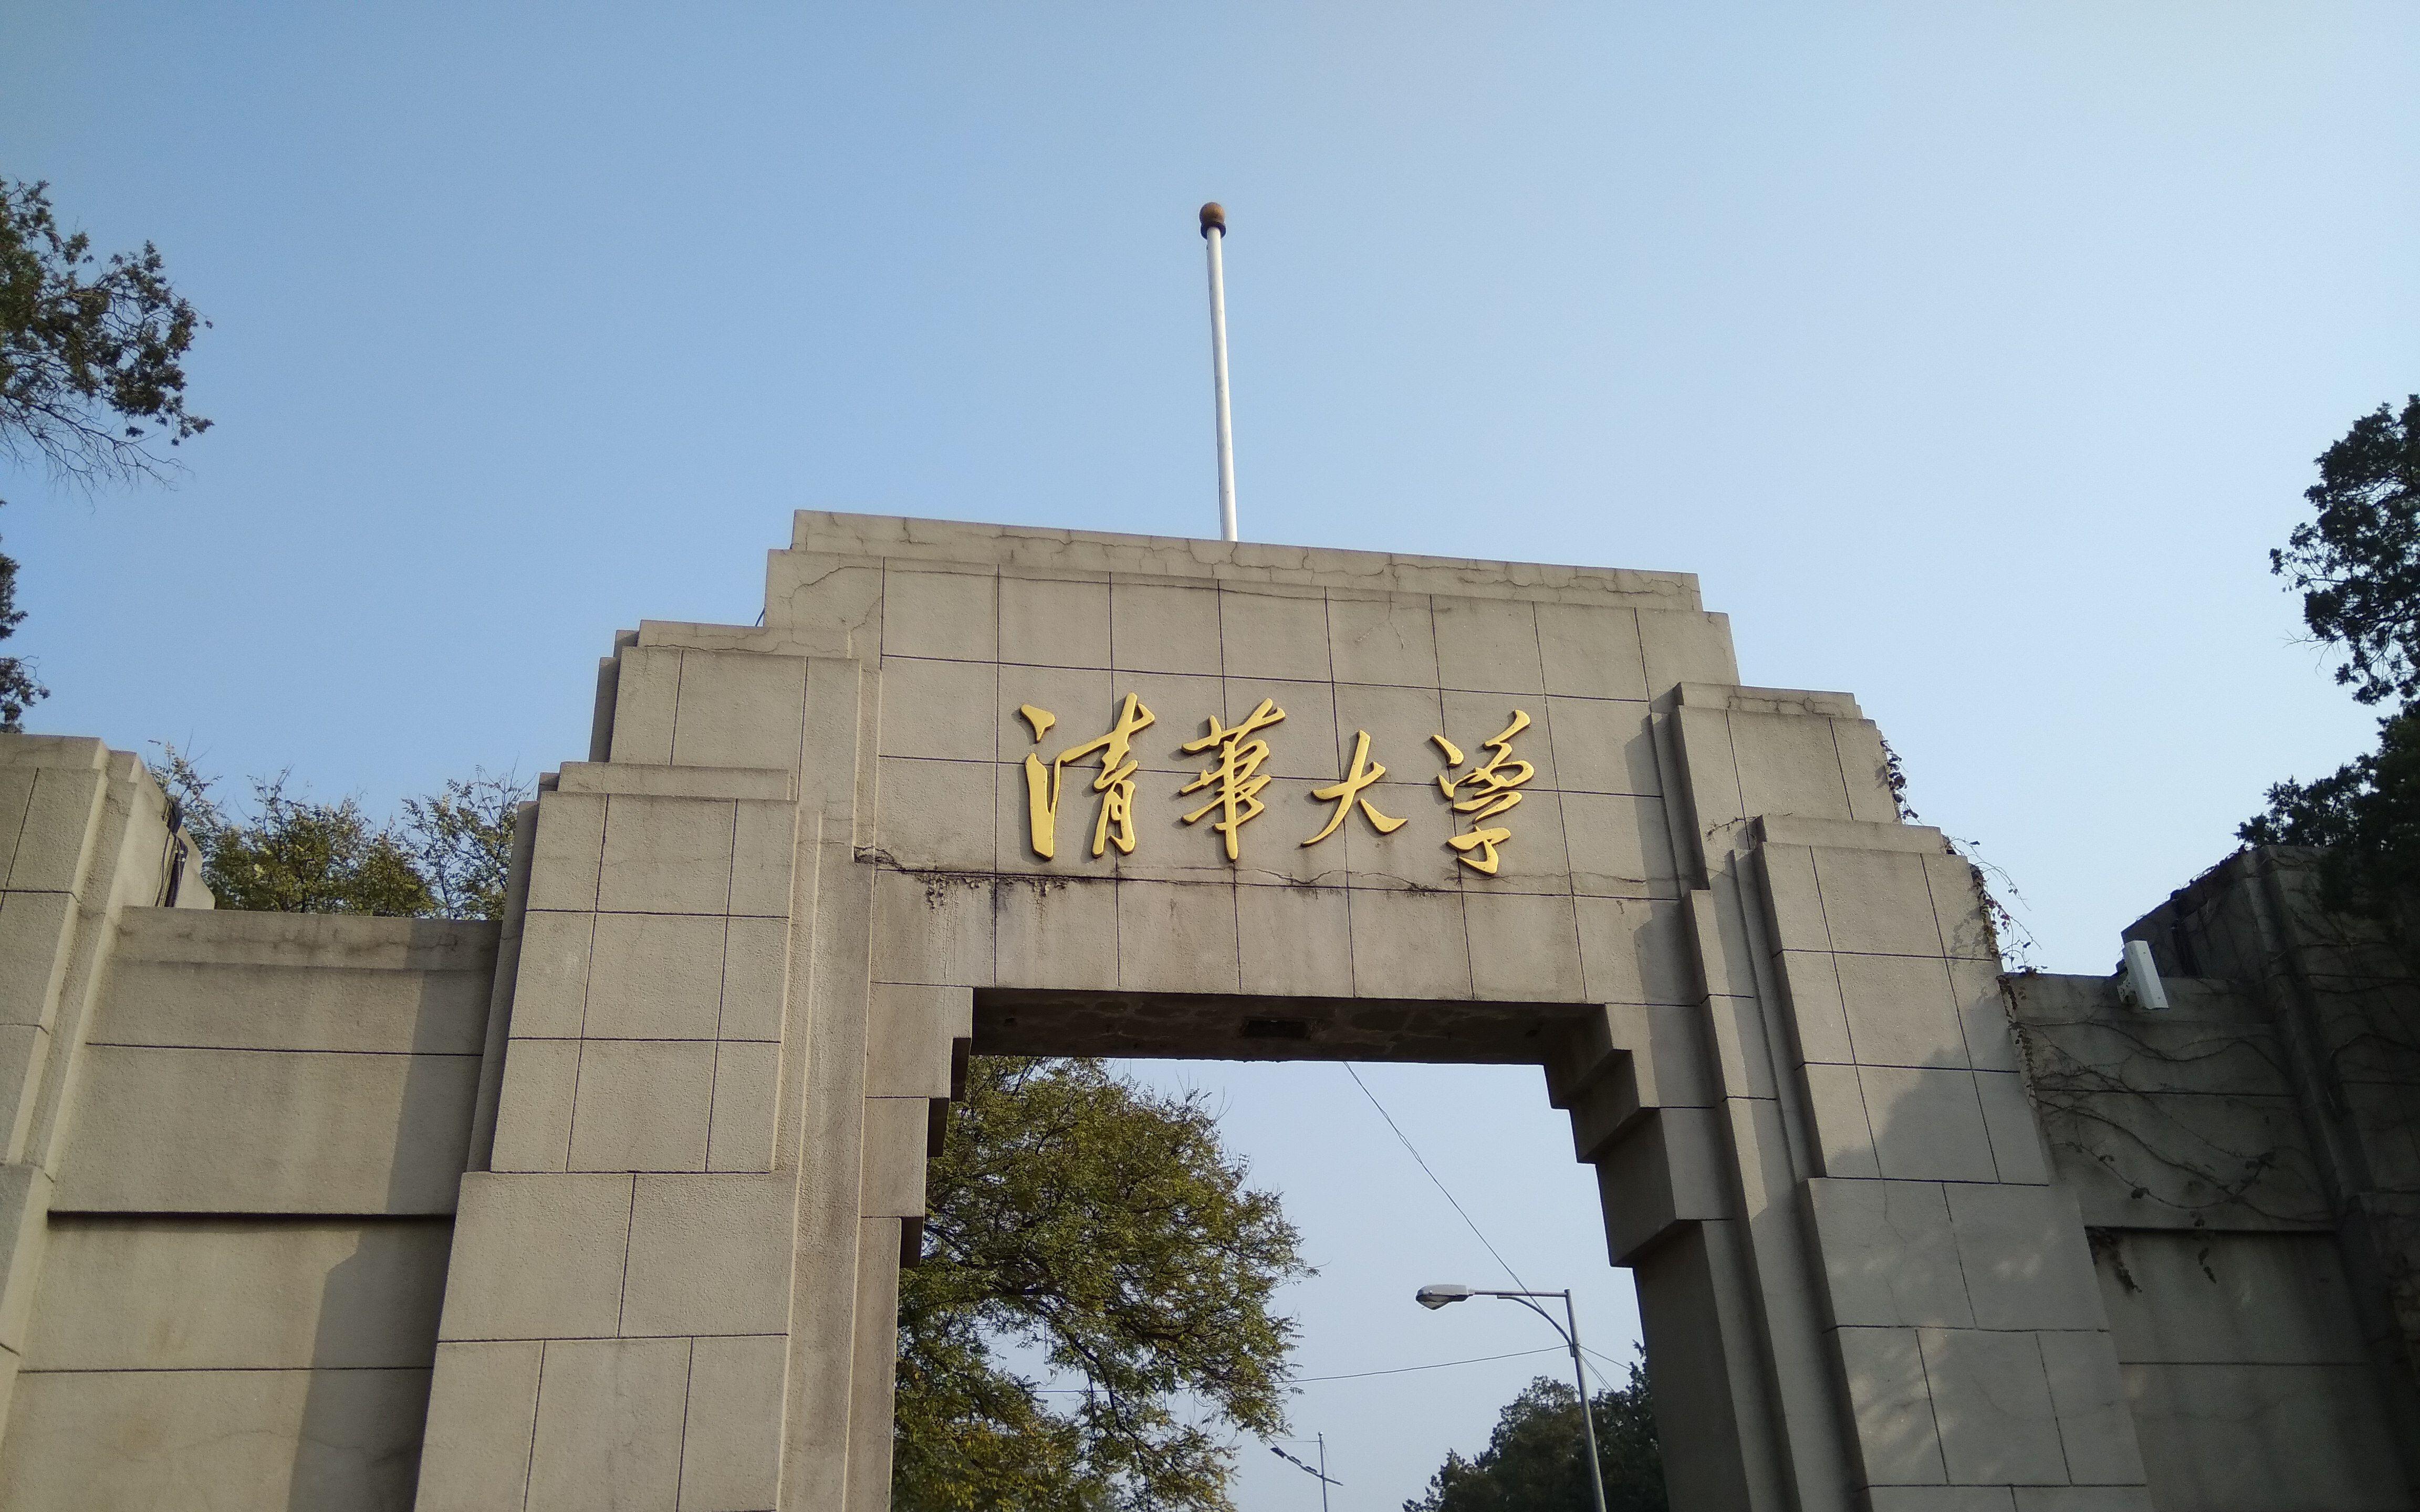 小弟大二,想考清华大学的研究生,请问现在学习需要多大的强度?图片